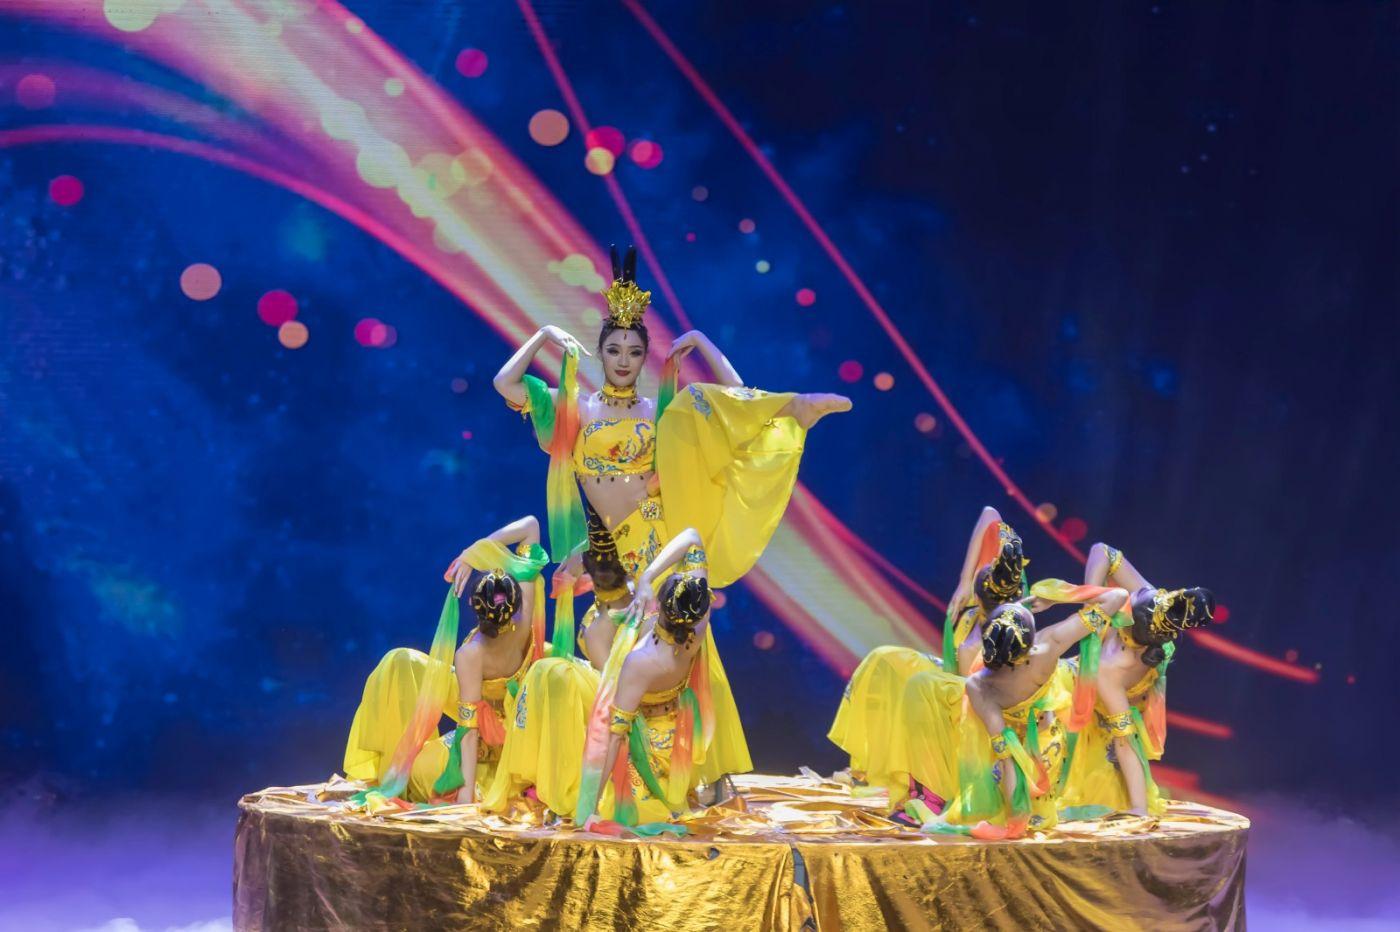 沂蒙大地上 有一种舞蹈叫飞天 这是几位临沂女孩的杰作 美轮美奂 ..._图1-16